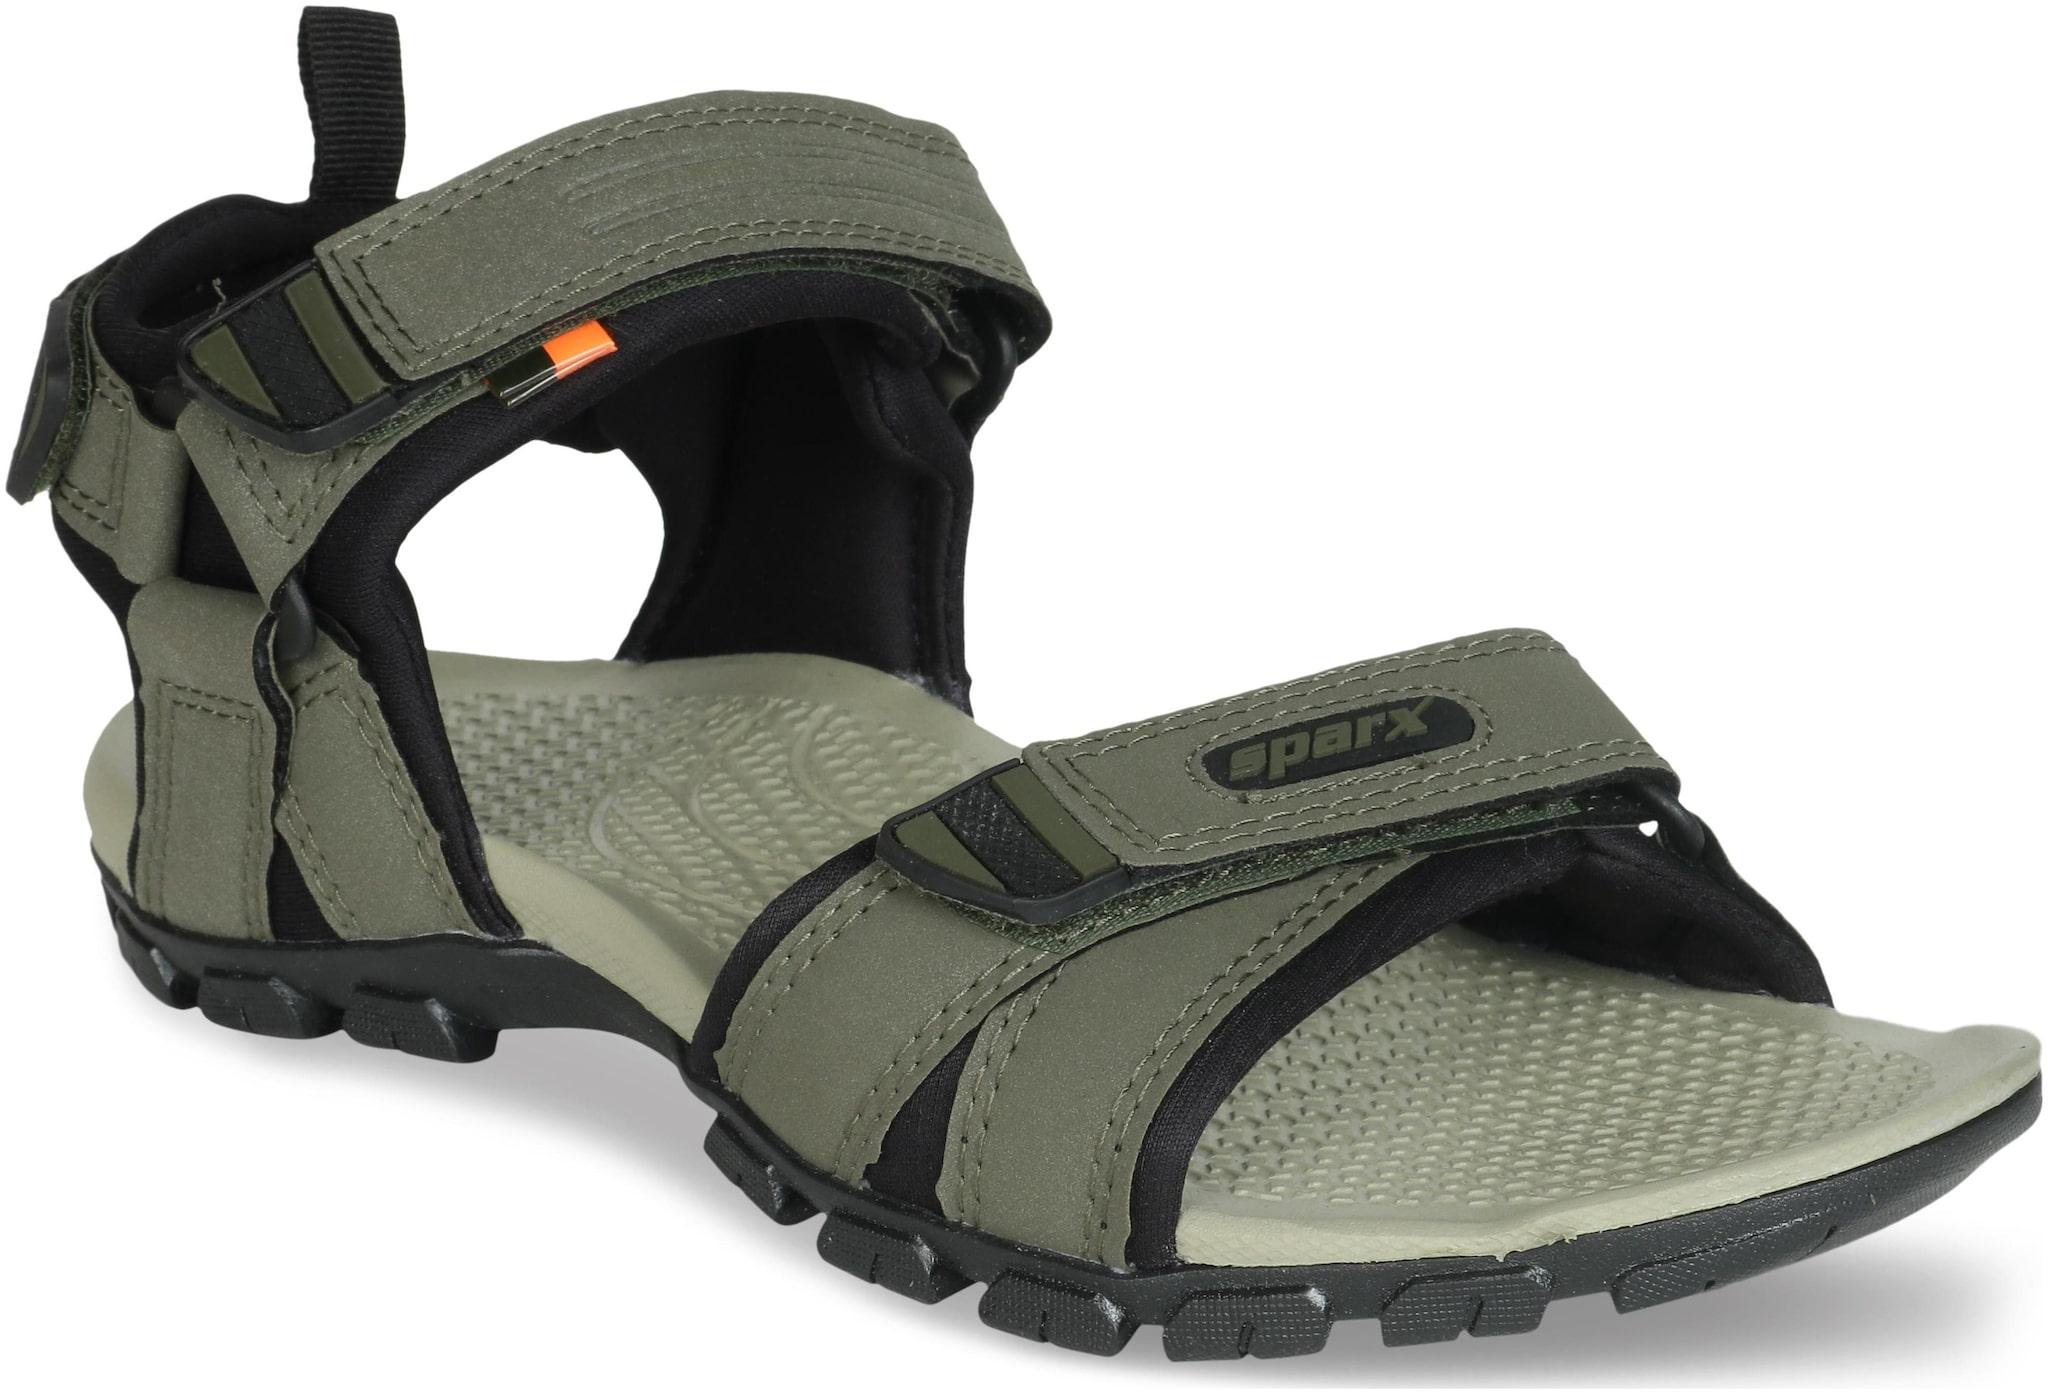 Buy Sparx Sandal Online for Men